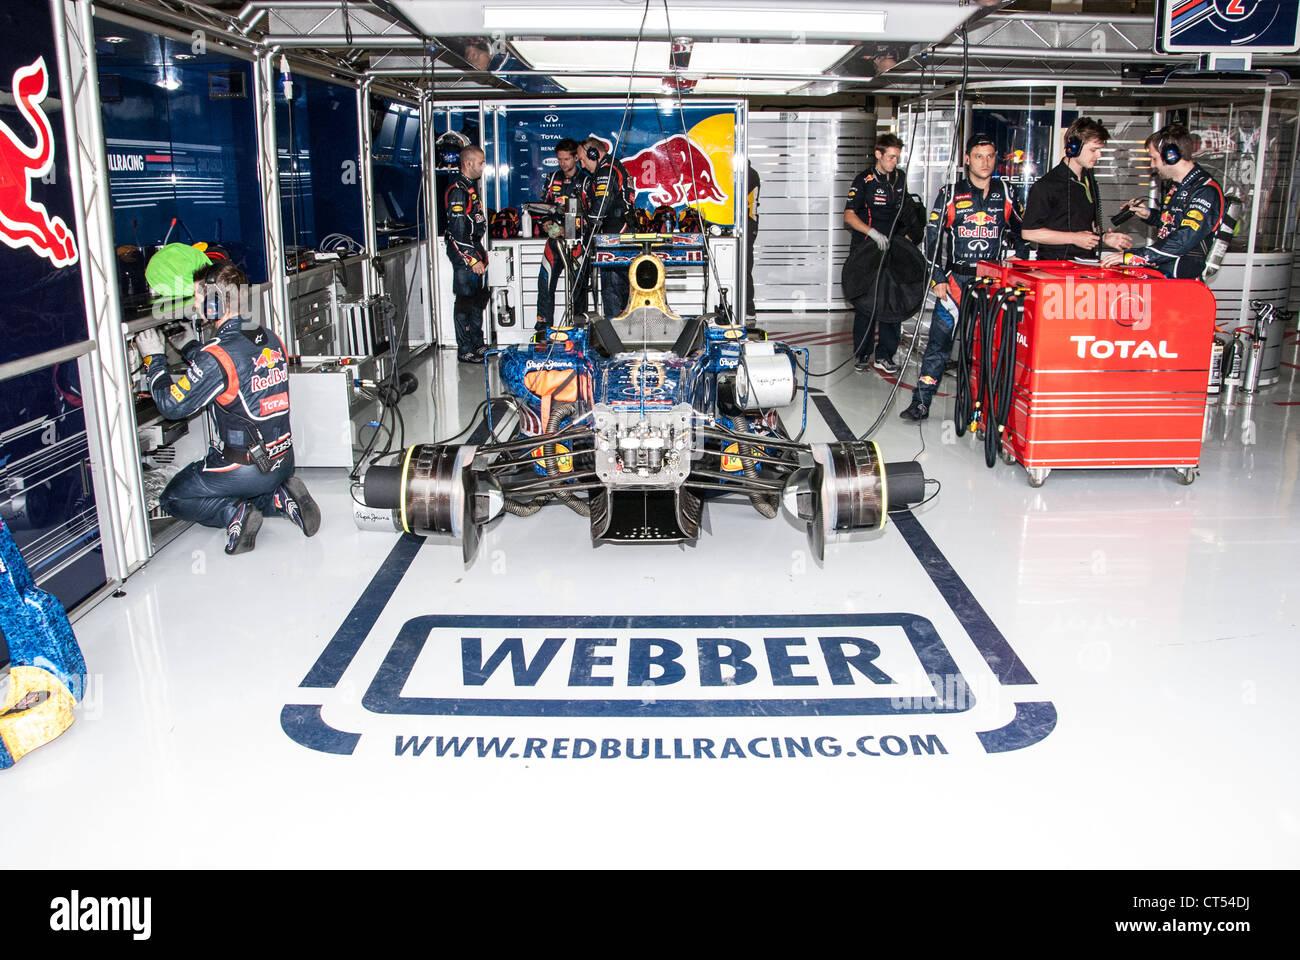 Mark webber red bull racing team garage british formula for Garage formule m